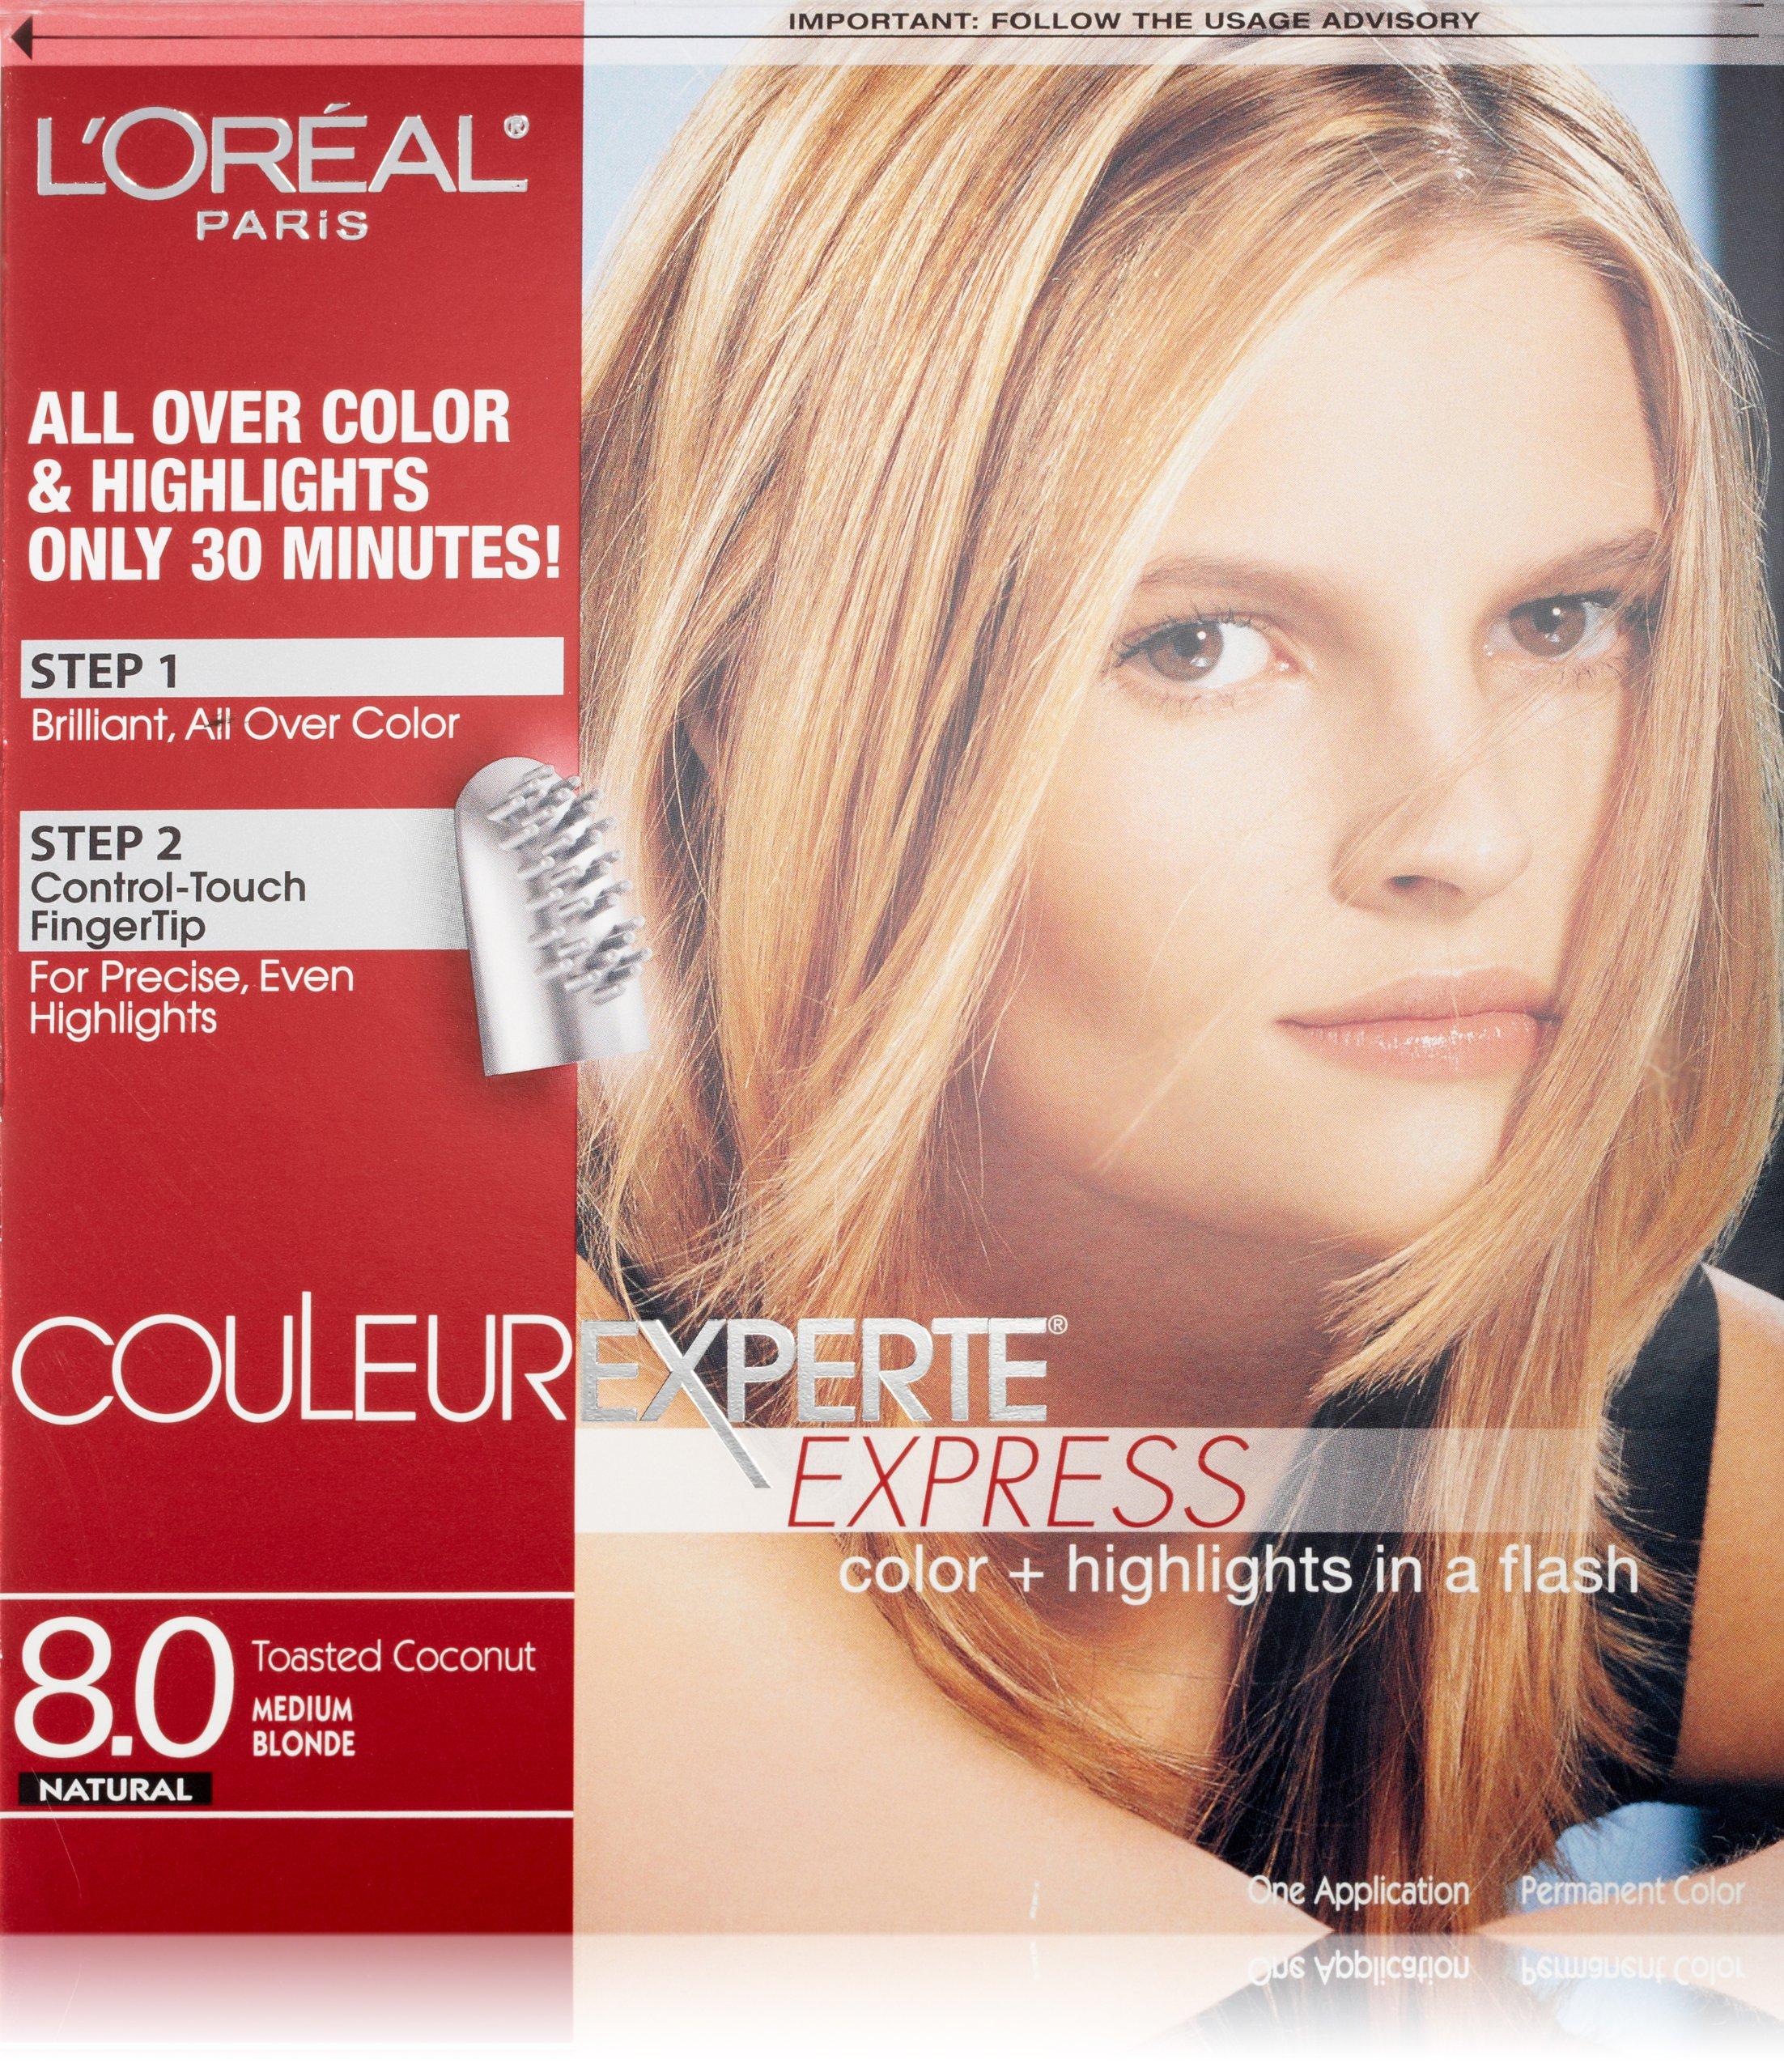 amazoncom lor233al paris couleur experte hair color